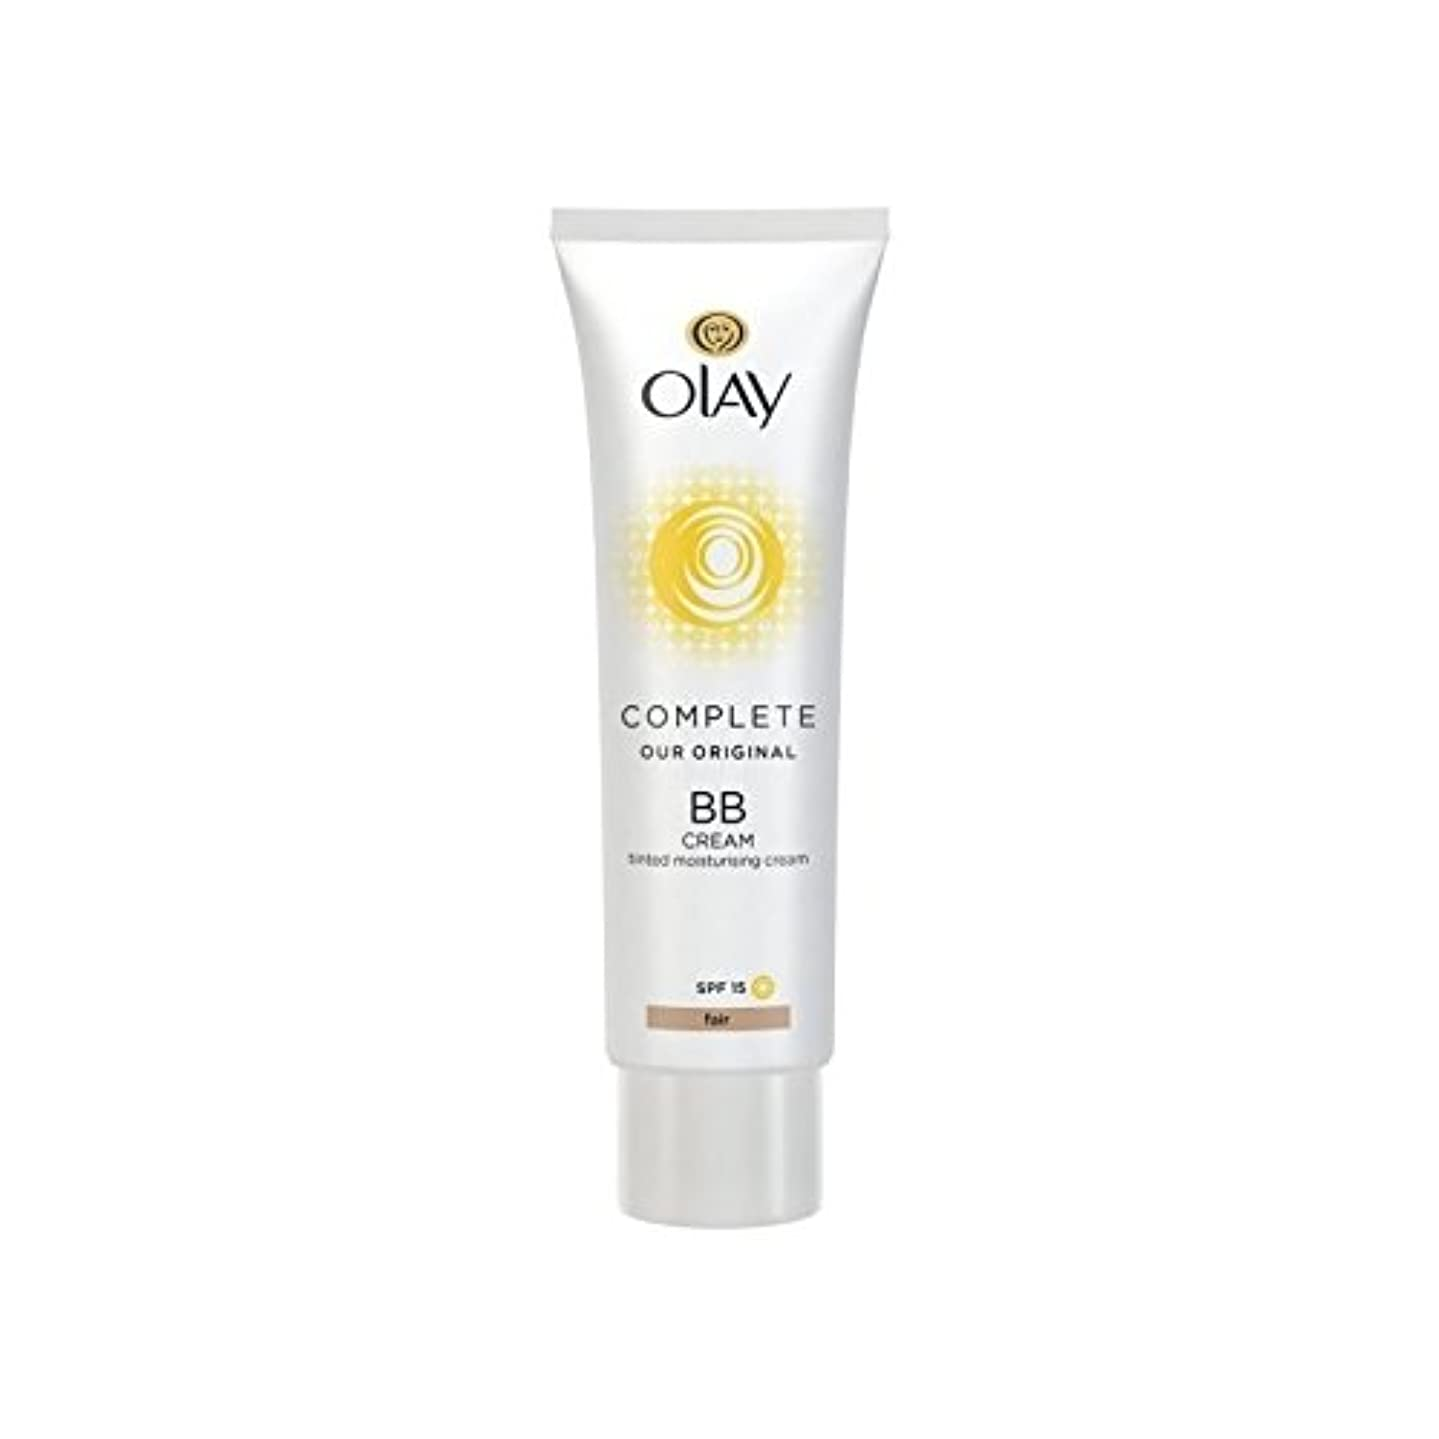 引き算キャラバンディスパッチOlay Complete BB Cream Fair SPF15 50ml - オーレイ完全なクリーム15フェアの50ミリリットル [並行輸入品]